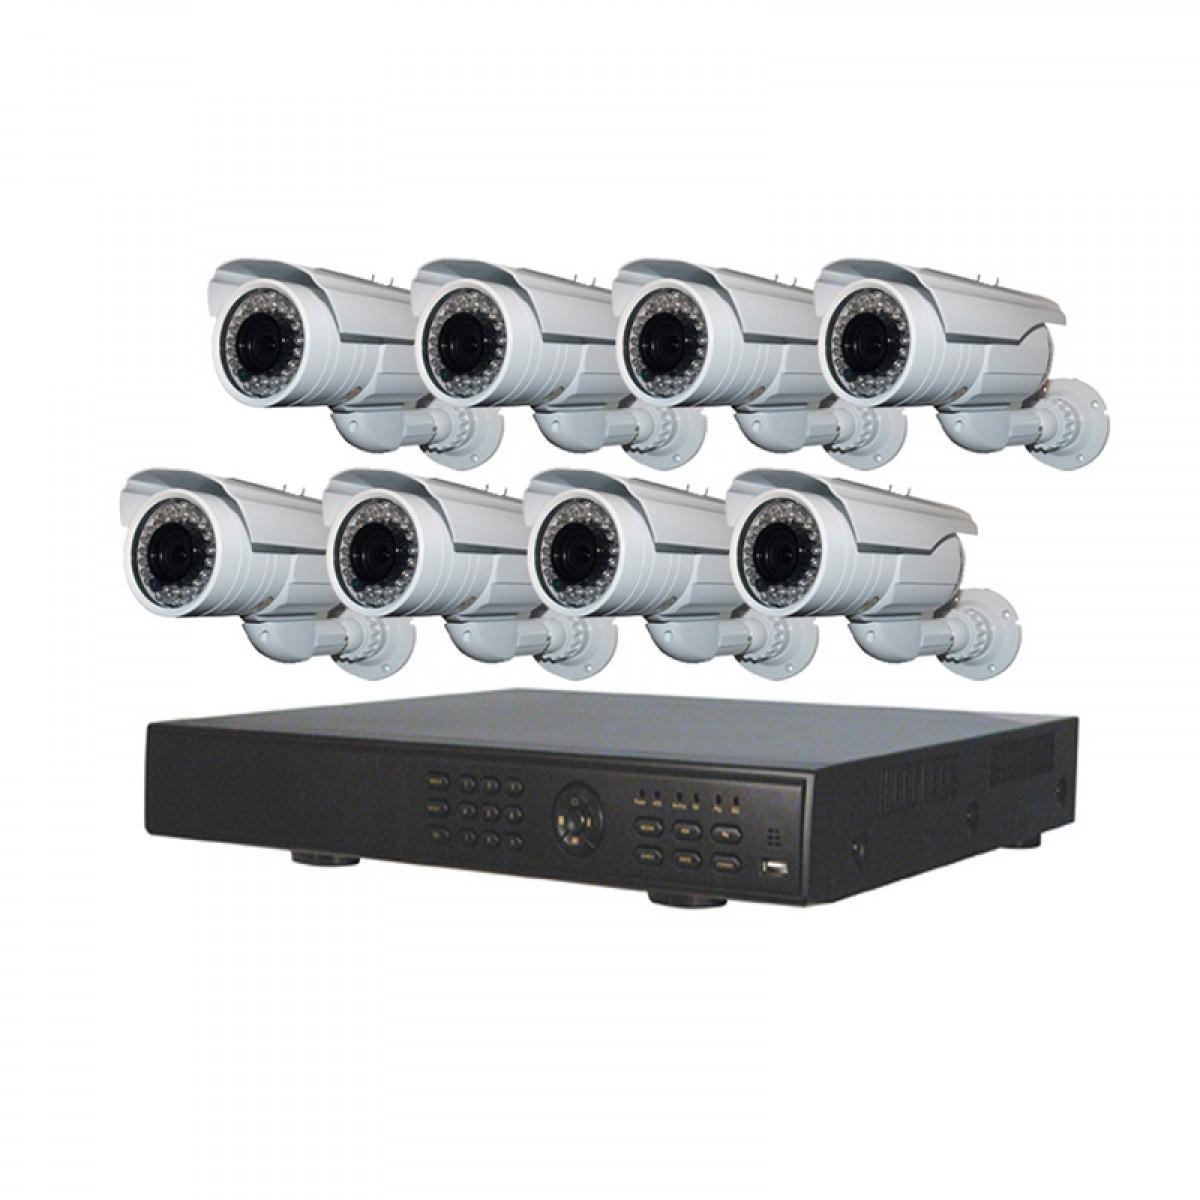 Πλήρες έγχρωμο σετ CCTV εποπτείας και καταγραφής με 8 Κάμερες και σύνδεση μέσω 3G SEGURITY SYSTEM